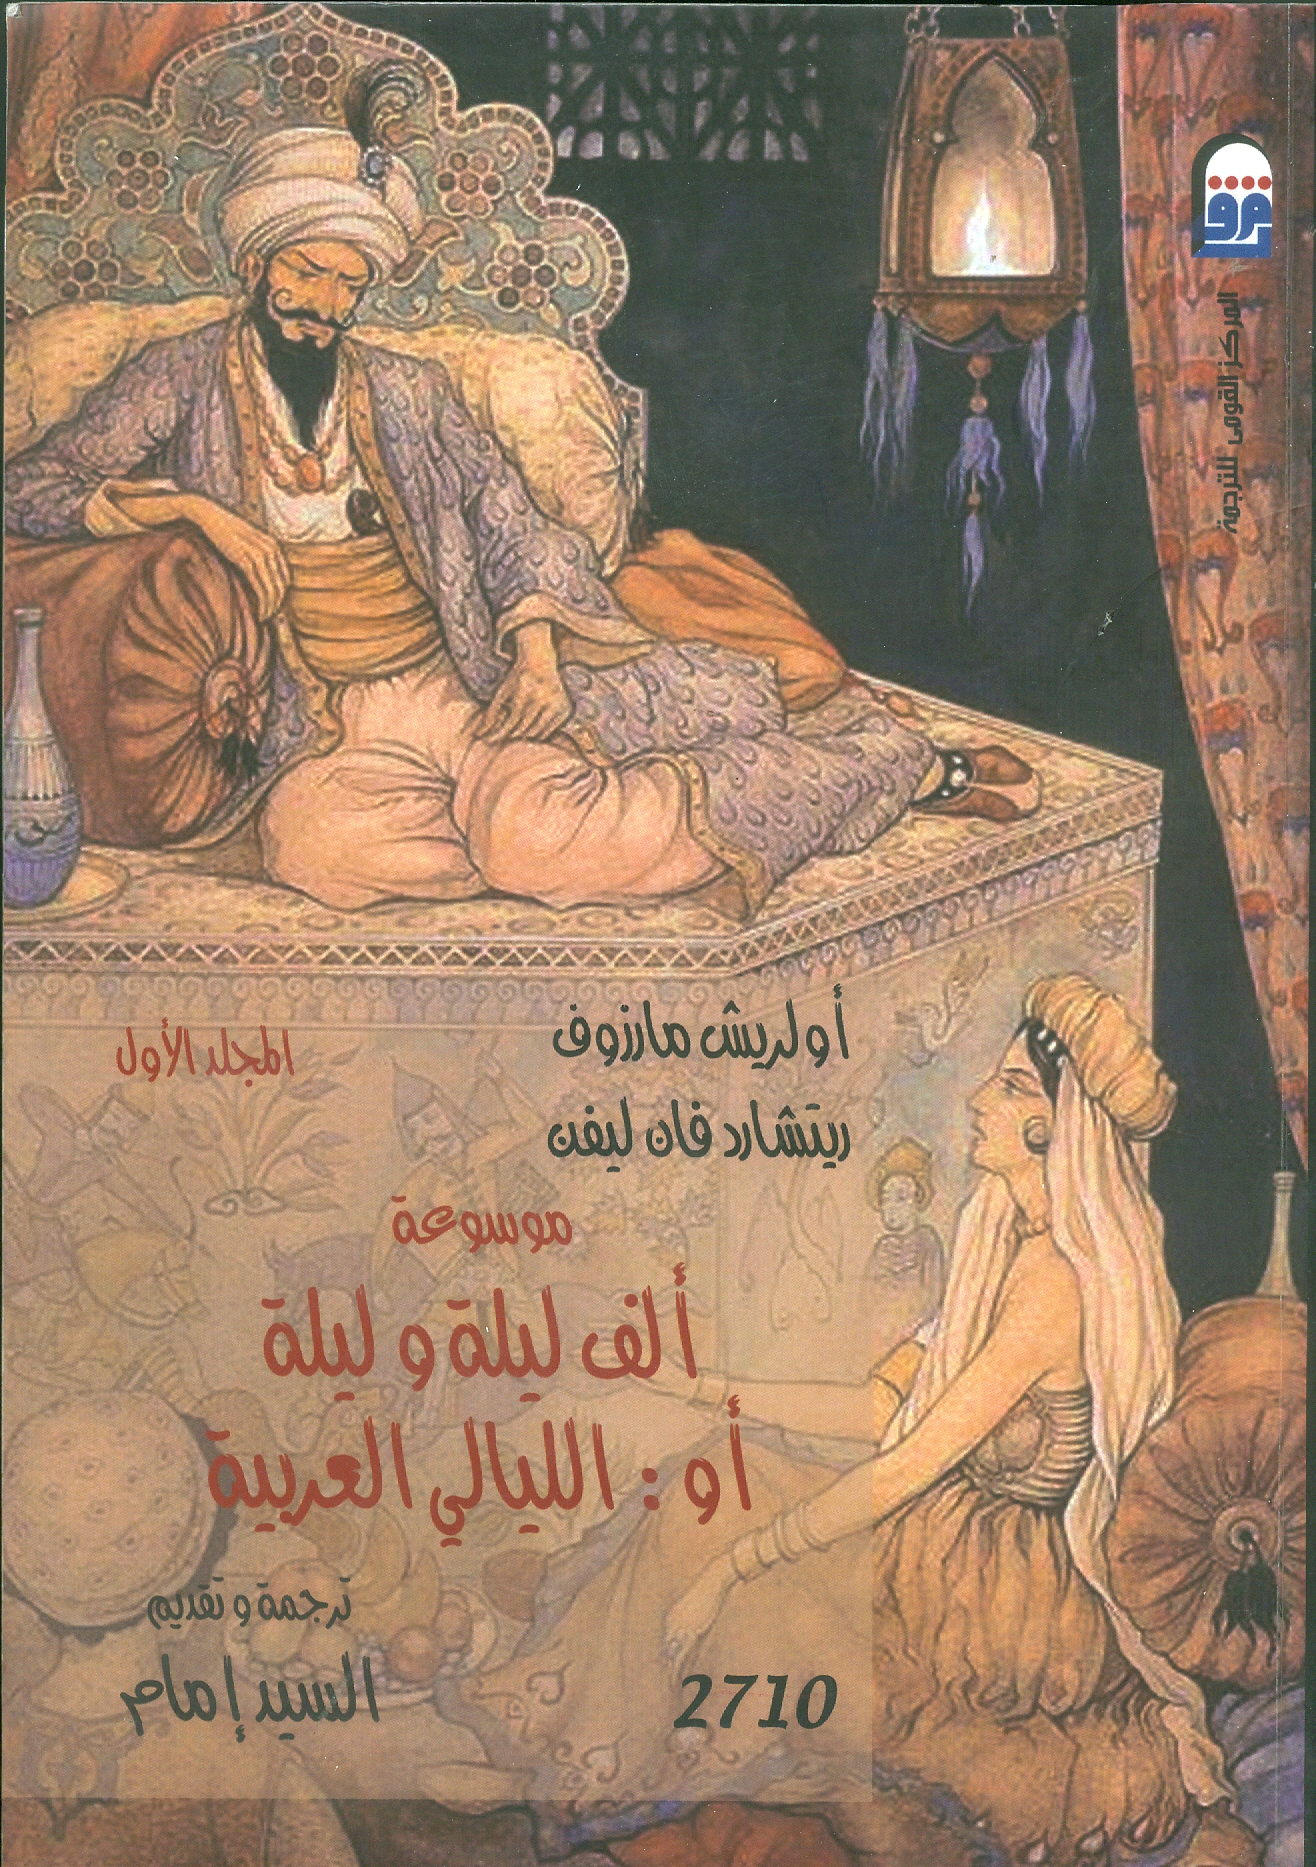 موسوعة ألف ليلة وليلة أو الليالى العربية المجلد الأول